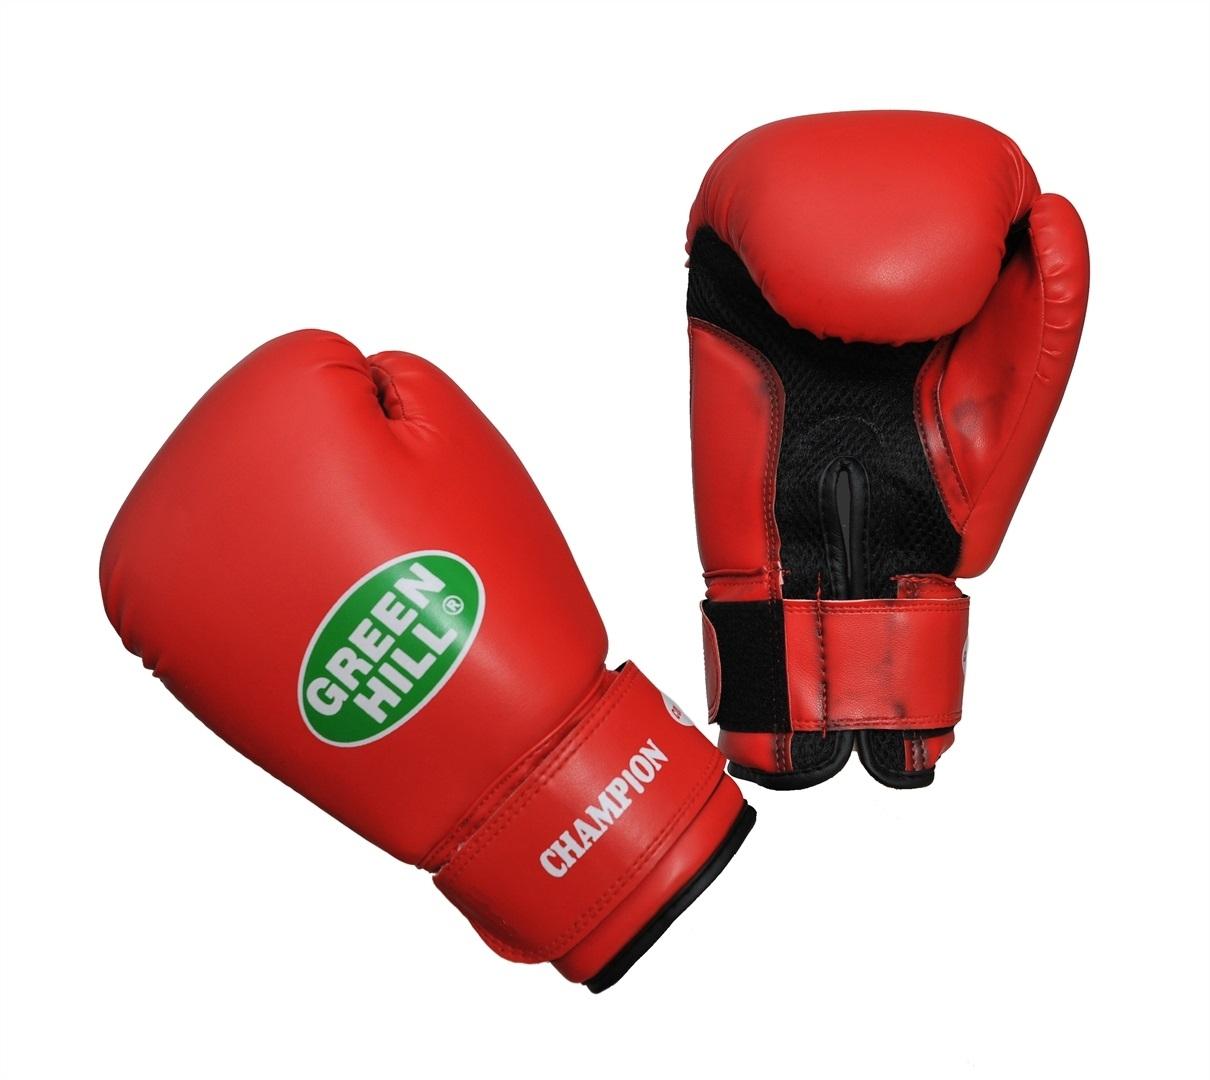 Перчатки боксерские Green Hill Champion, цвет: красный. Вес 12 унцийBGC-2040bБоксерские перчатки Green Hill Champion предназначены для тренировок и соревнований. Верх выполнен из синтетической кожи, наполнитель - из пенополиуретана. Вставка из прочной замшевой сетки в области ладони позволяет создать максимально комфортный терморежим во время занятий. Перчатка хорошо проветривается благодаря системе воздухообмена. Широкий ремень, охватывая запястье, полностью оборачивается вокруг манжеты, благодаря чему создается дополнительная защита лучезапястного сустава от травмирования. Застежка на липучке способствует быстрому и удобному одеванию перчаток, плотно фиксирует перчатки на руке.